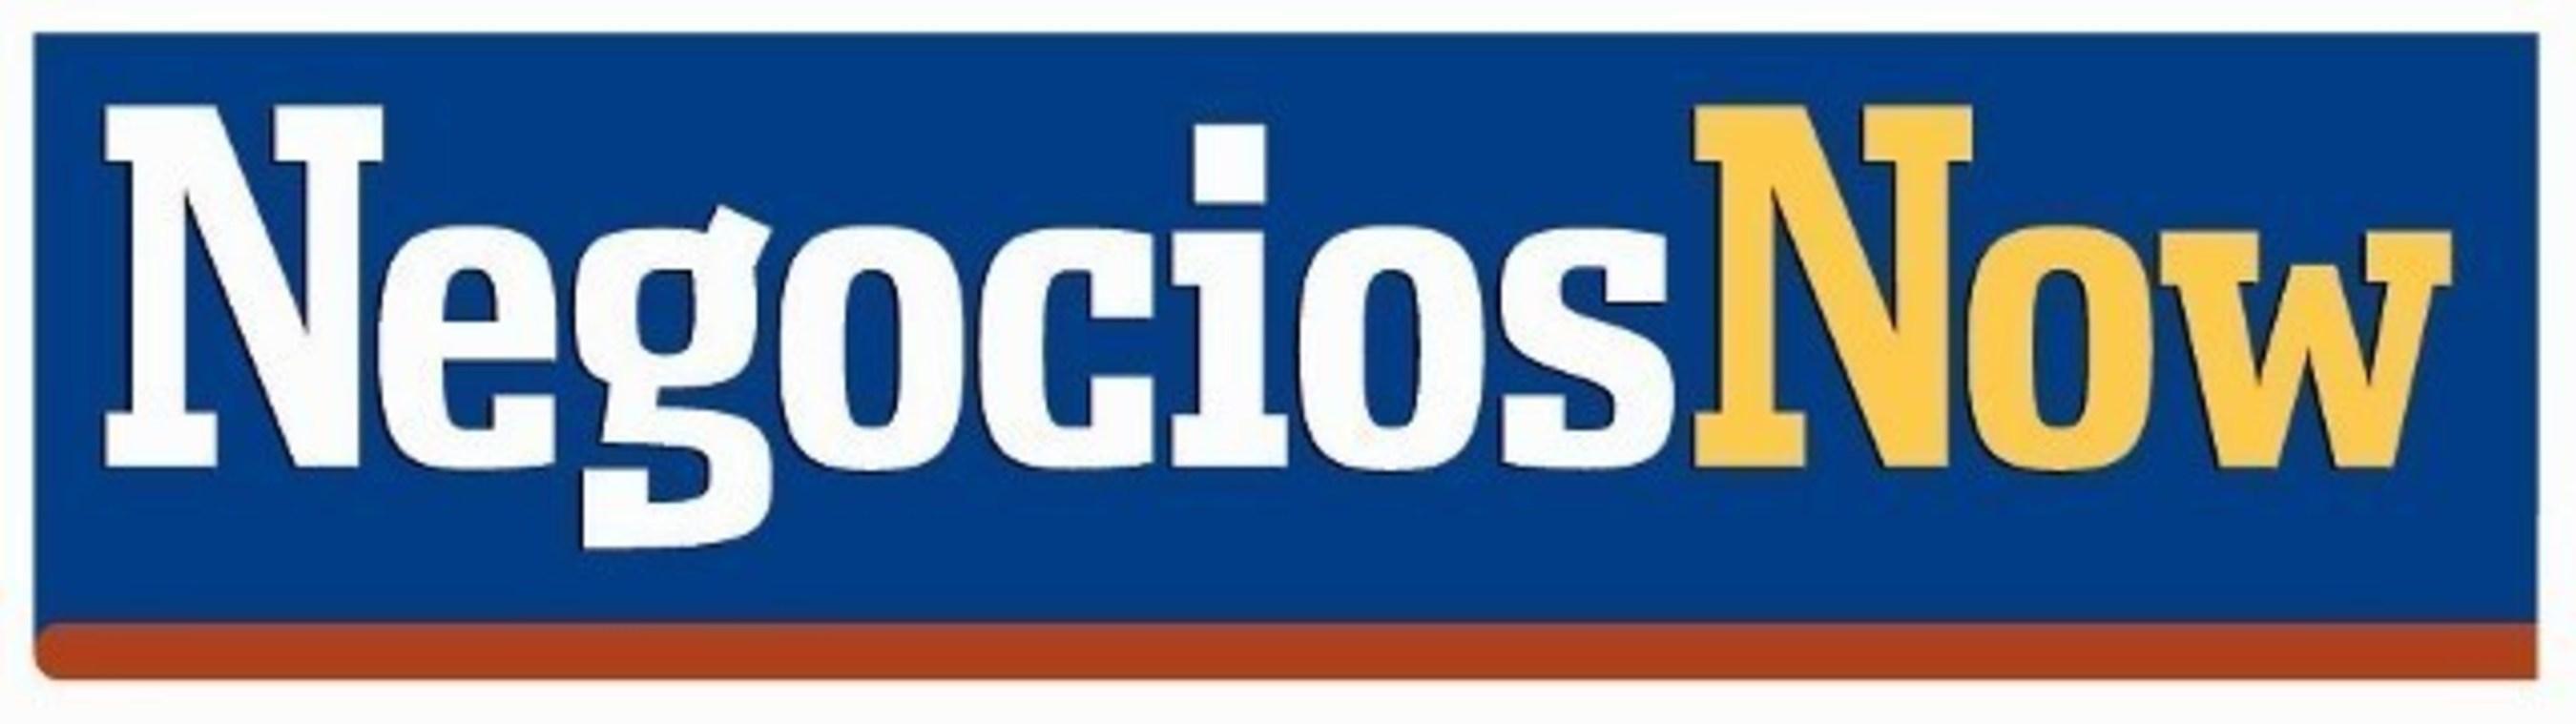 Negocios Now